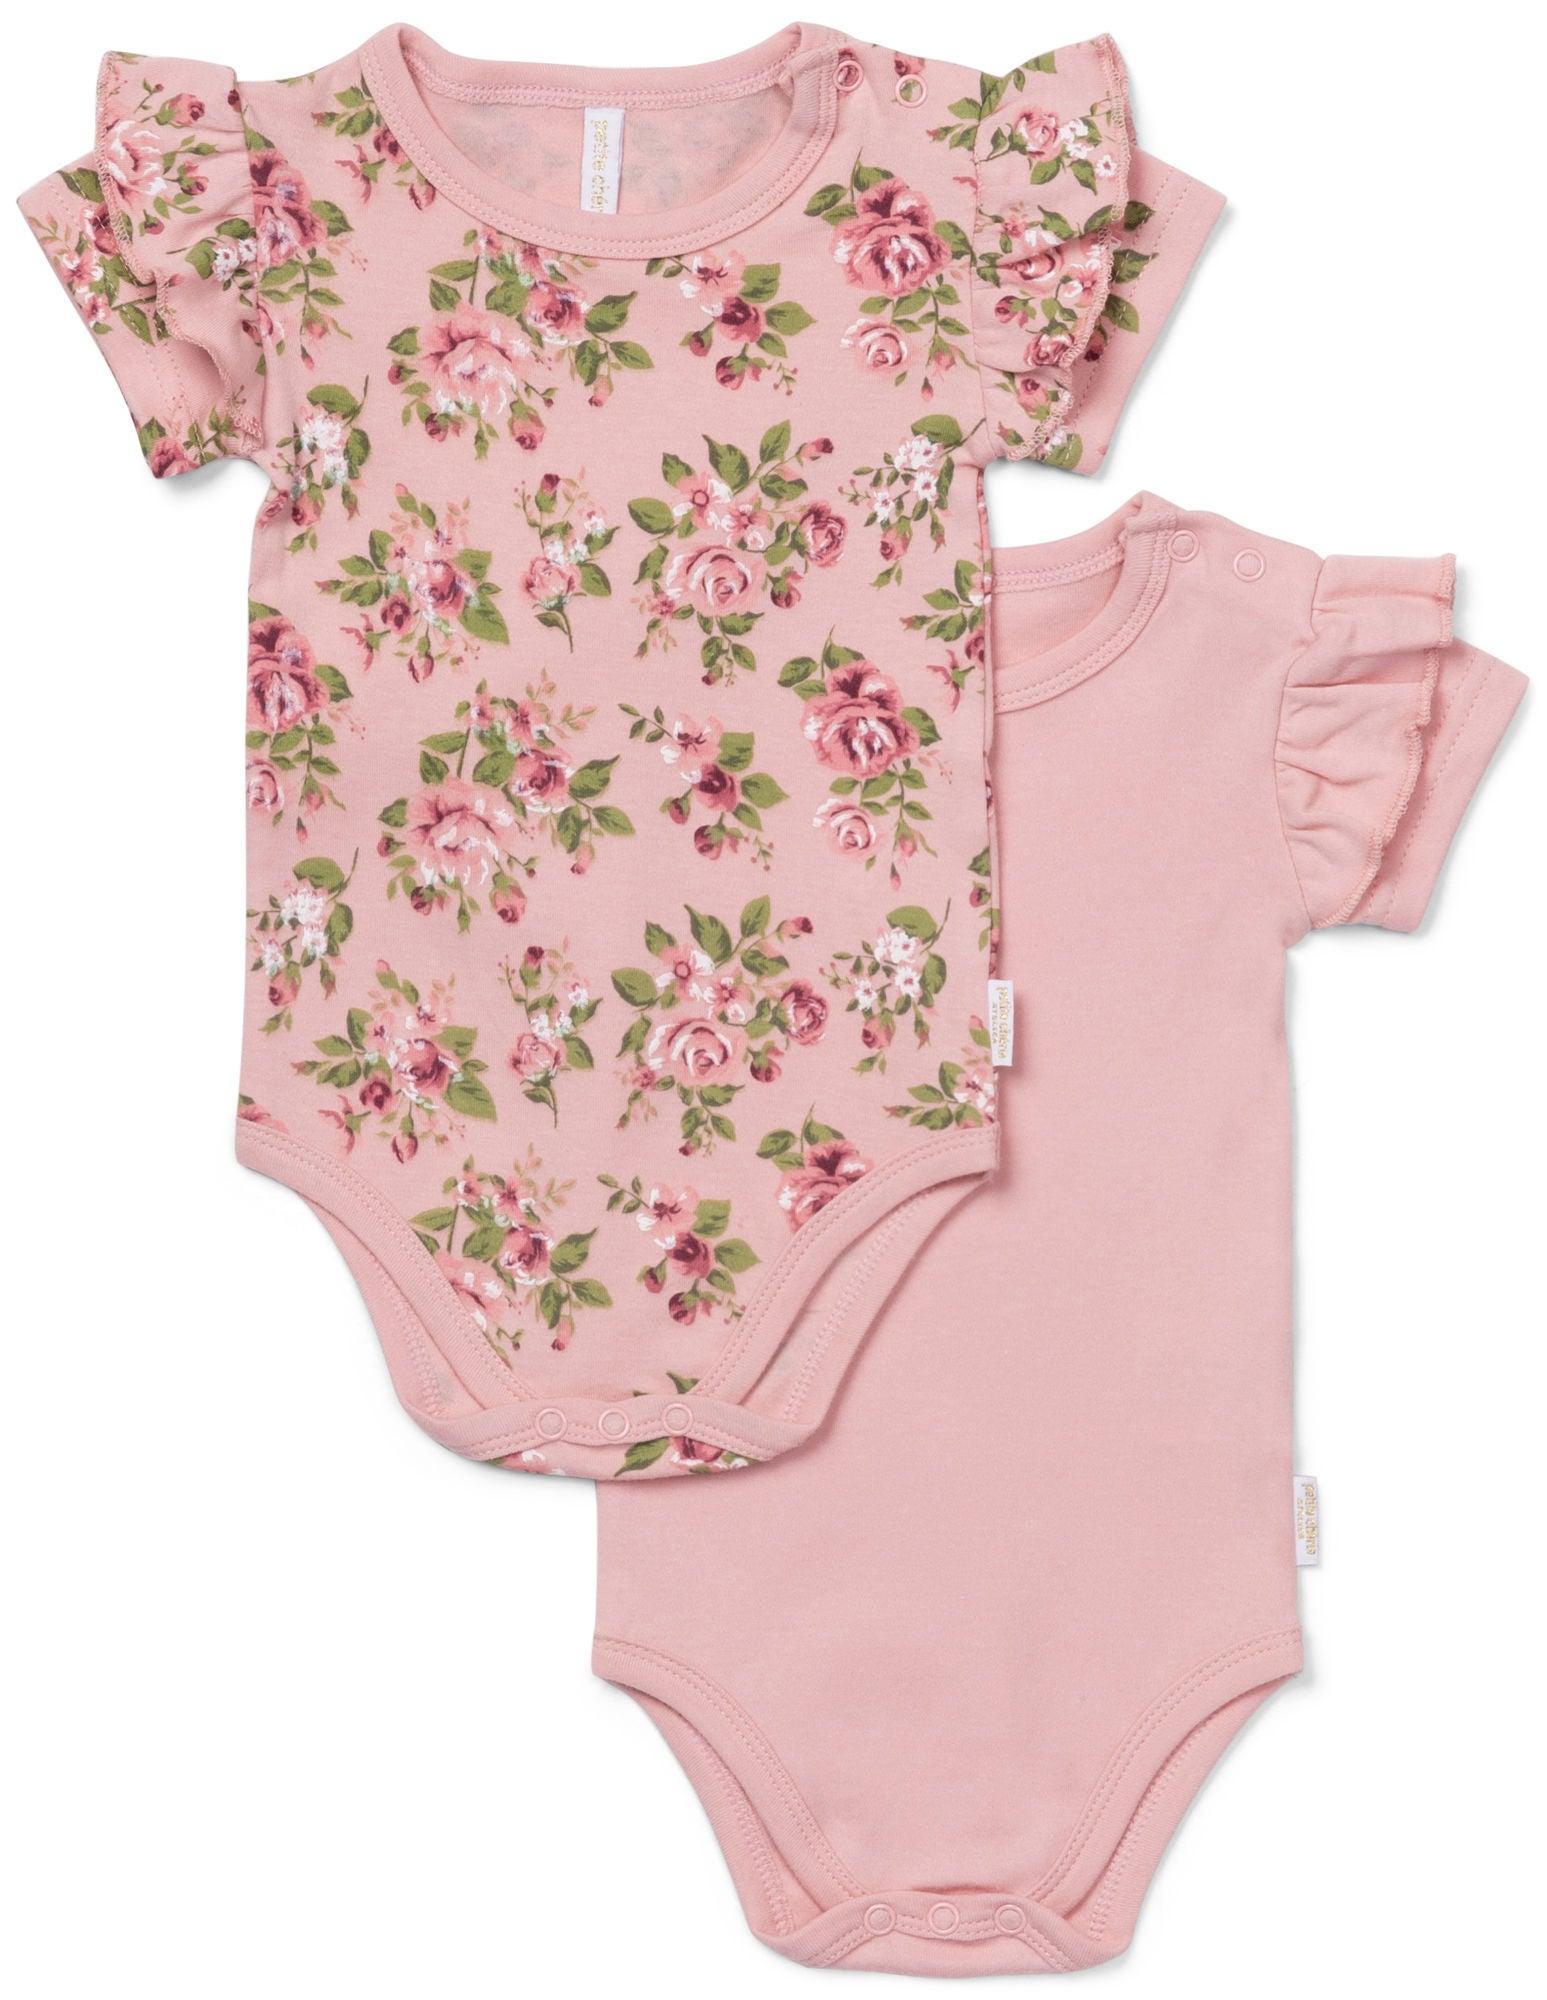 348fb963095 Børnetøj | Stort udvalg af tøj til børn og babyer | Jollyroom